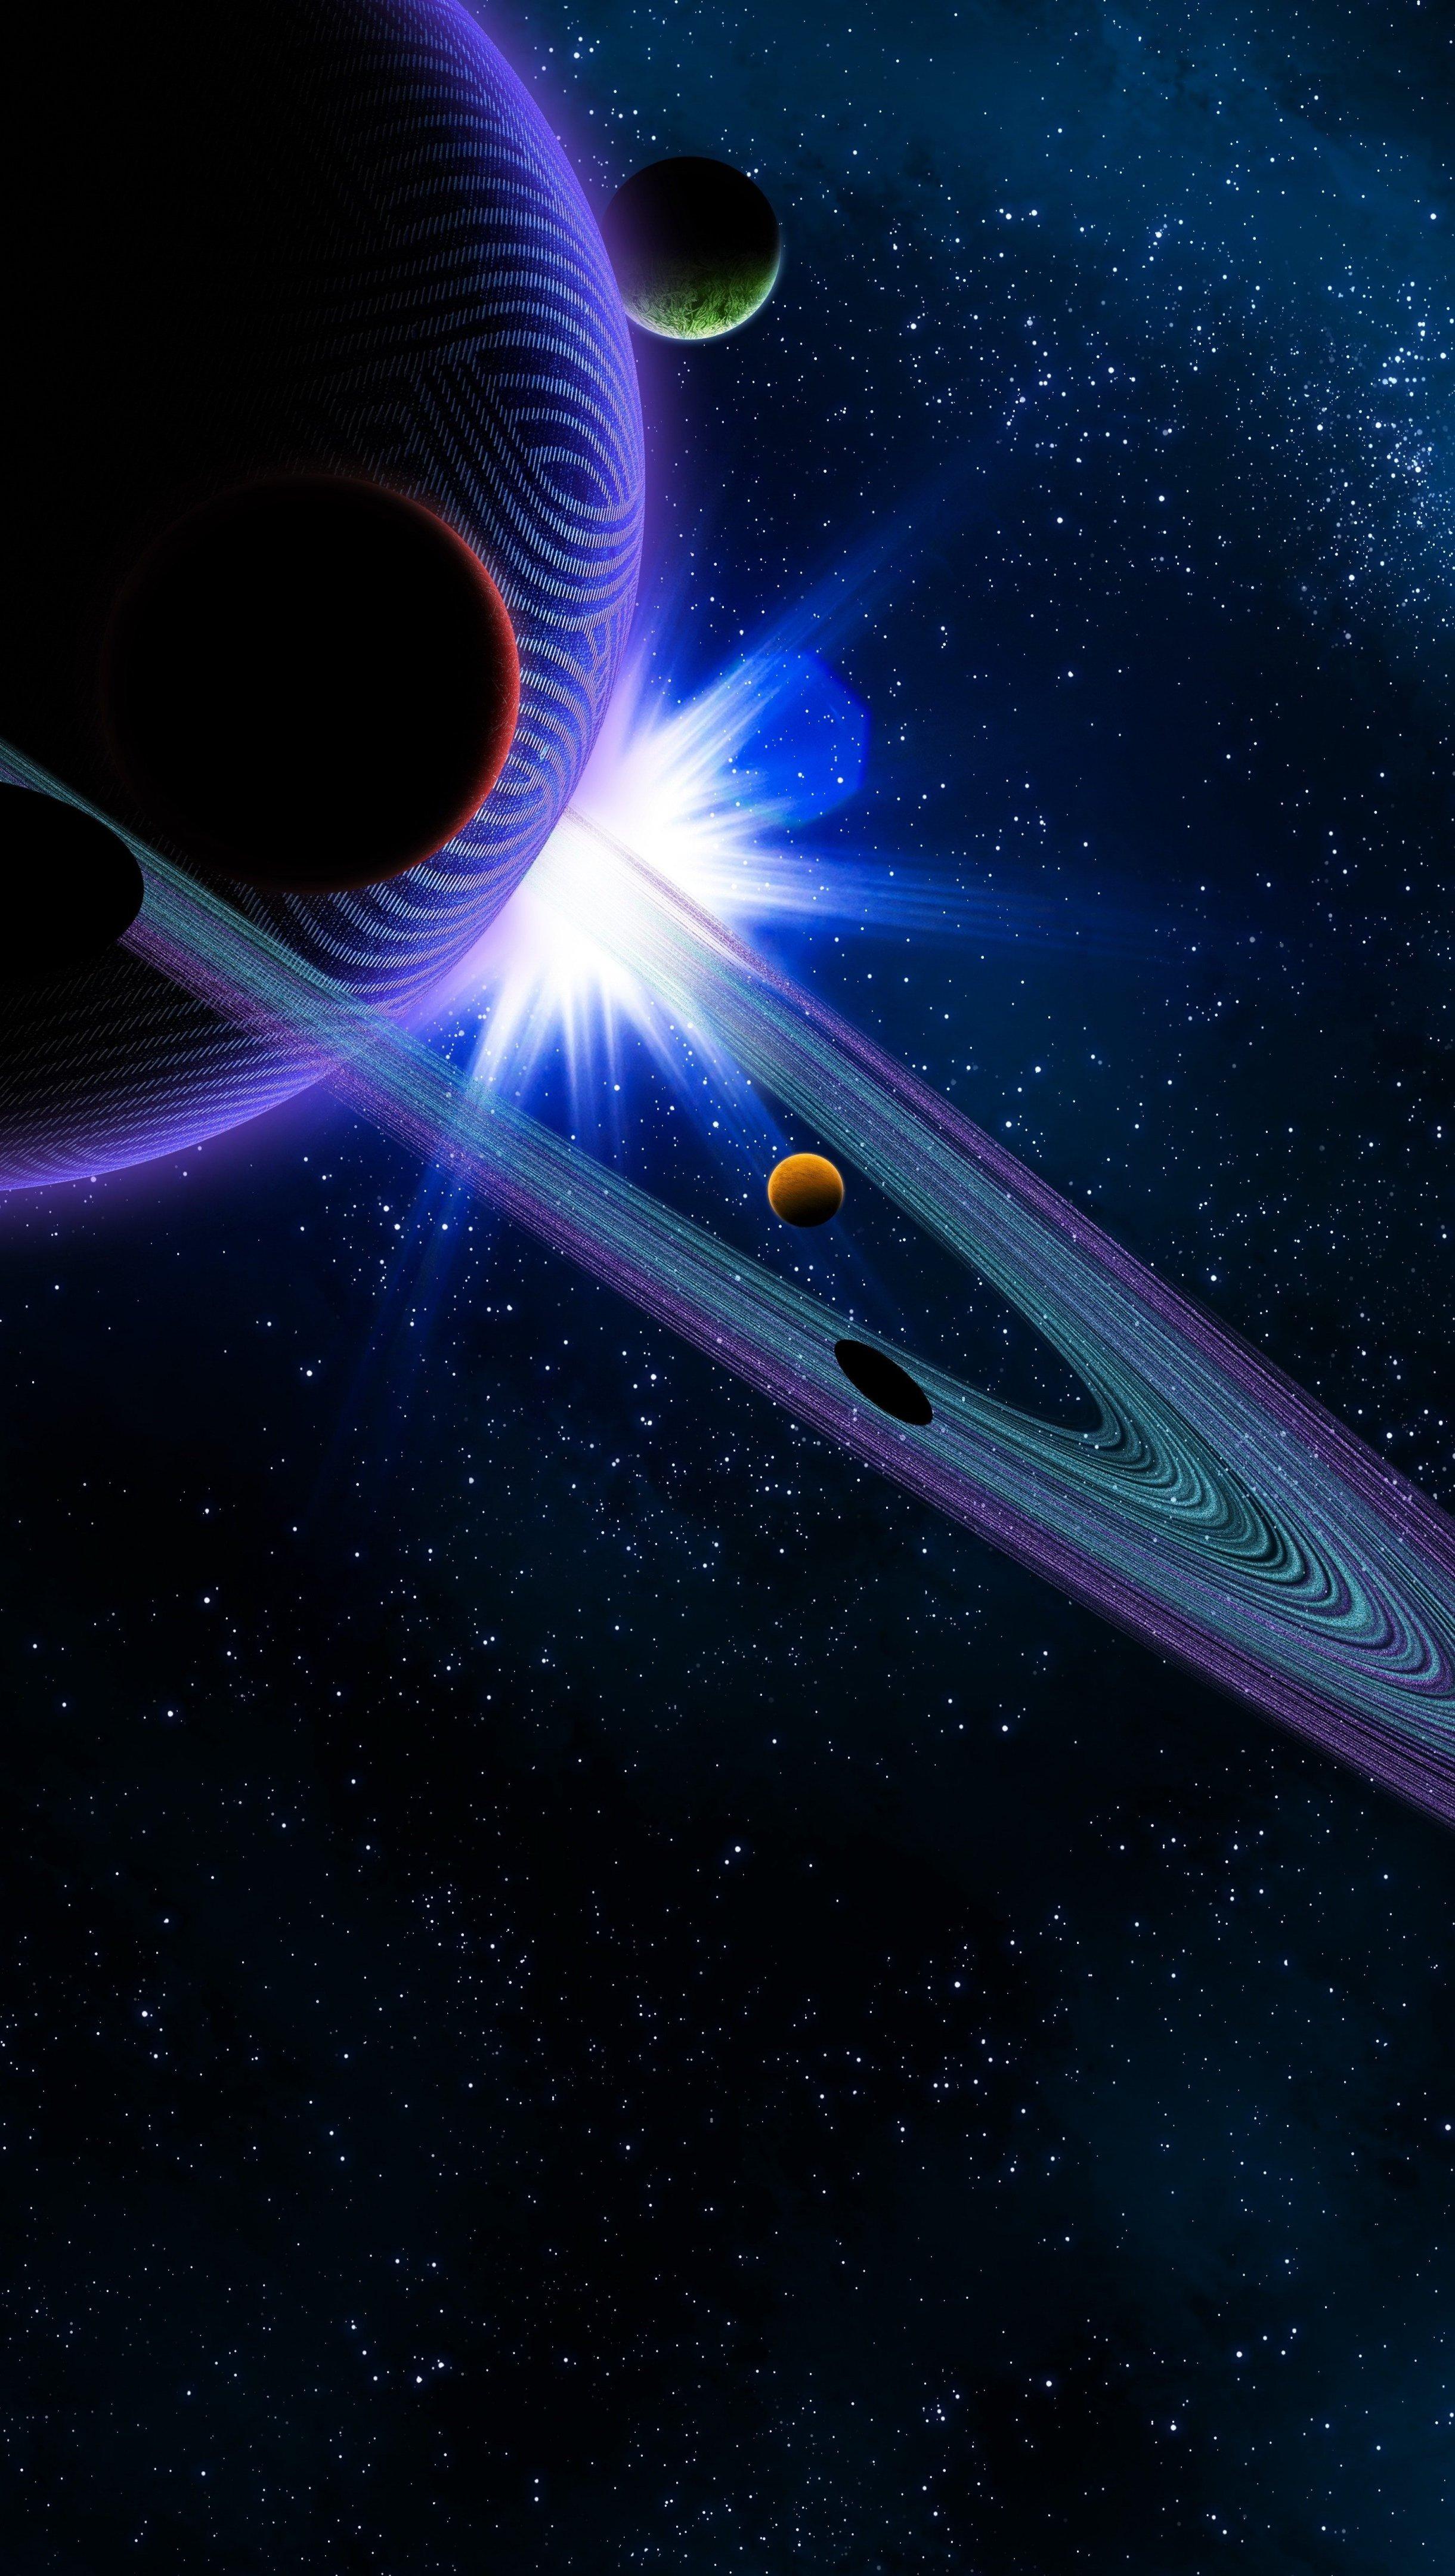 Fondos de pantalla Saturno y otros planetas Vertical